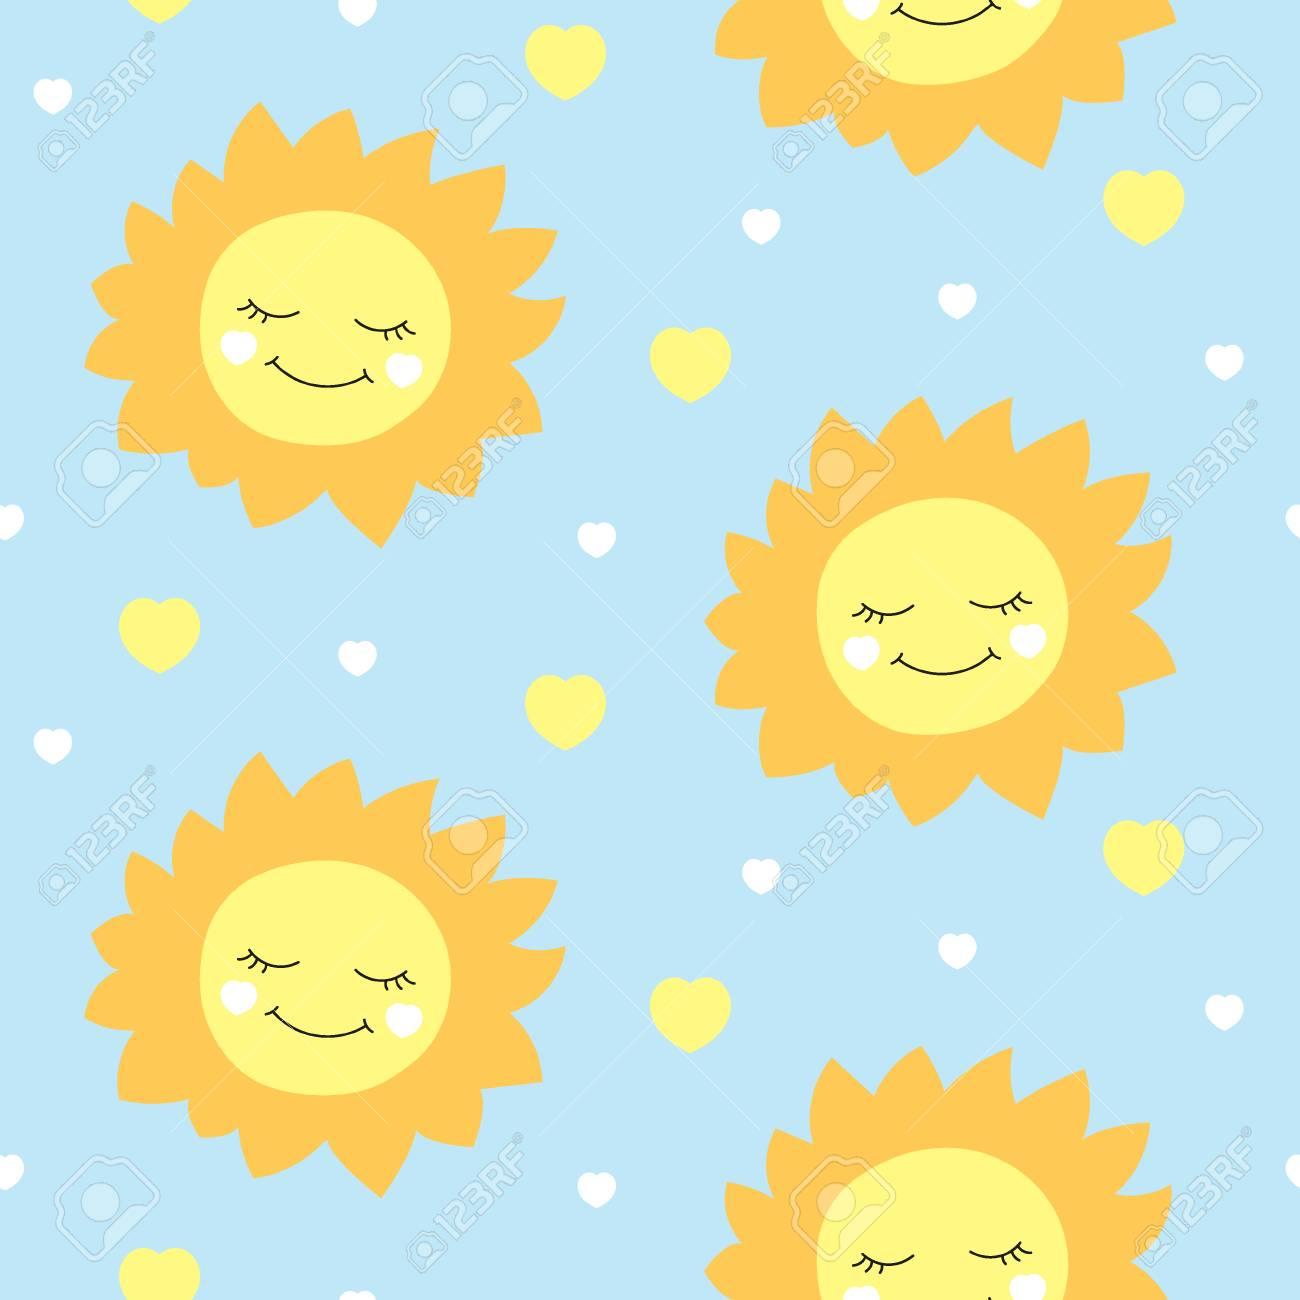 かわいい赤ちゃん太陽パターン ベクトル シームレス 子供は幸せな太陽